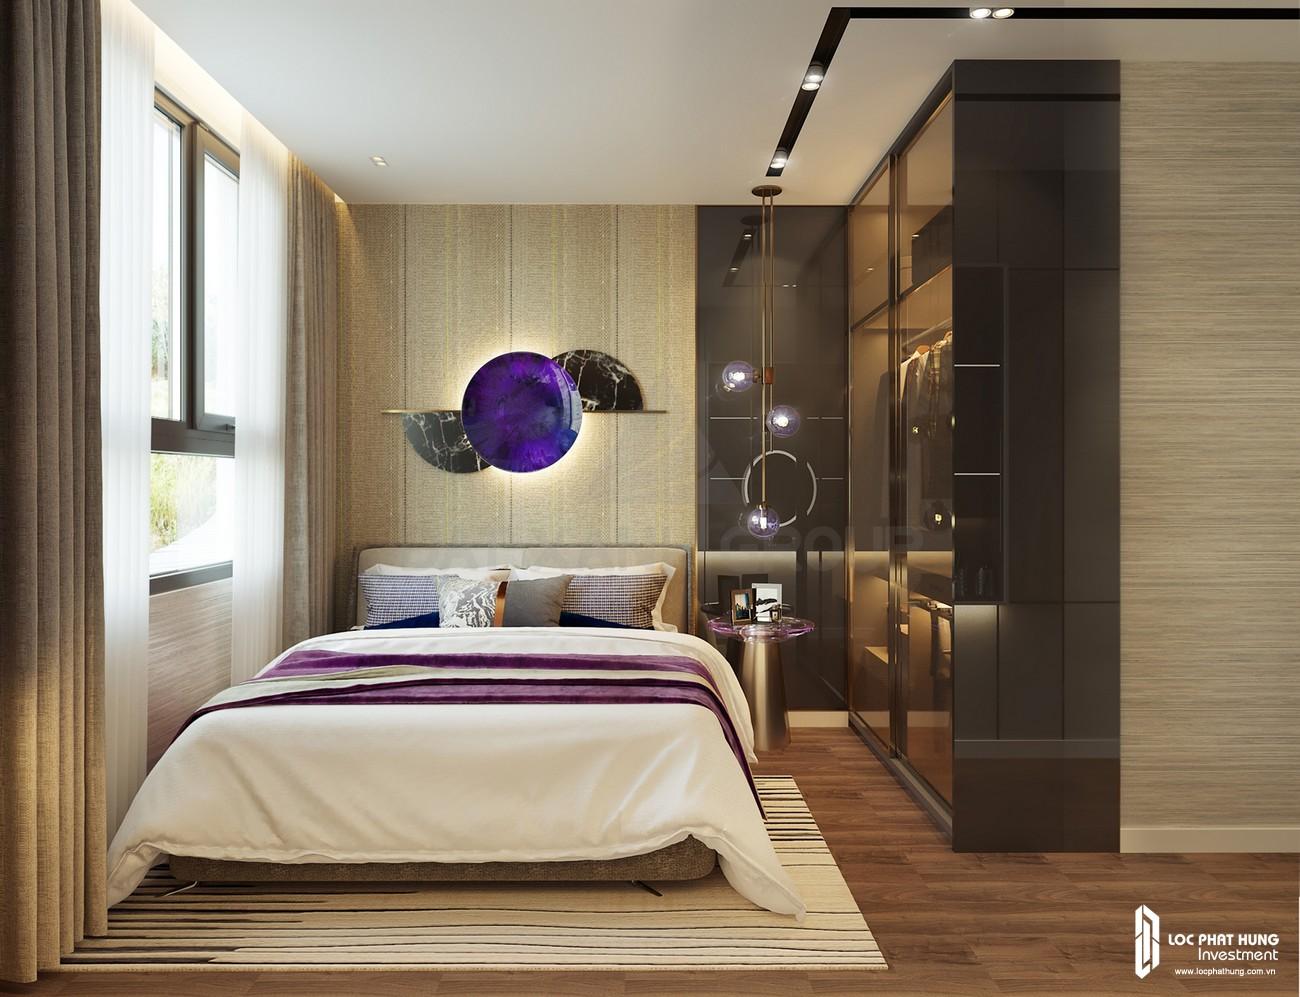 Thiết kế phòng ngủ 1 của nhà mẫu loại 3 phòng ngủ dự án căn hộ chung cư Opal Skyline Thuận An